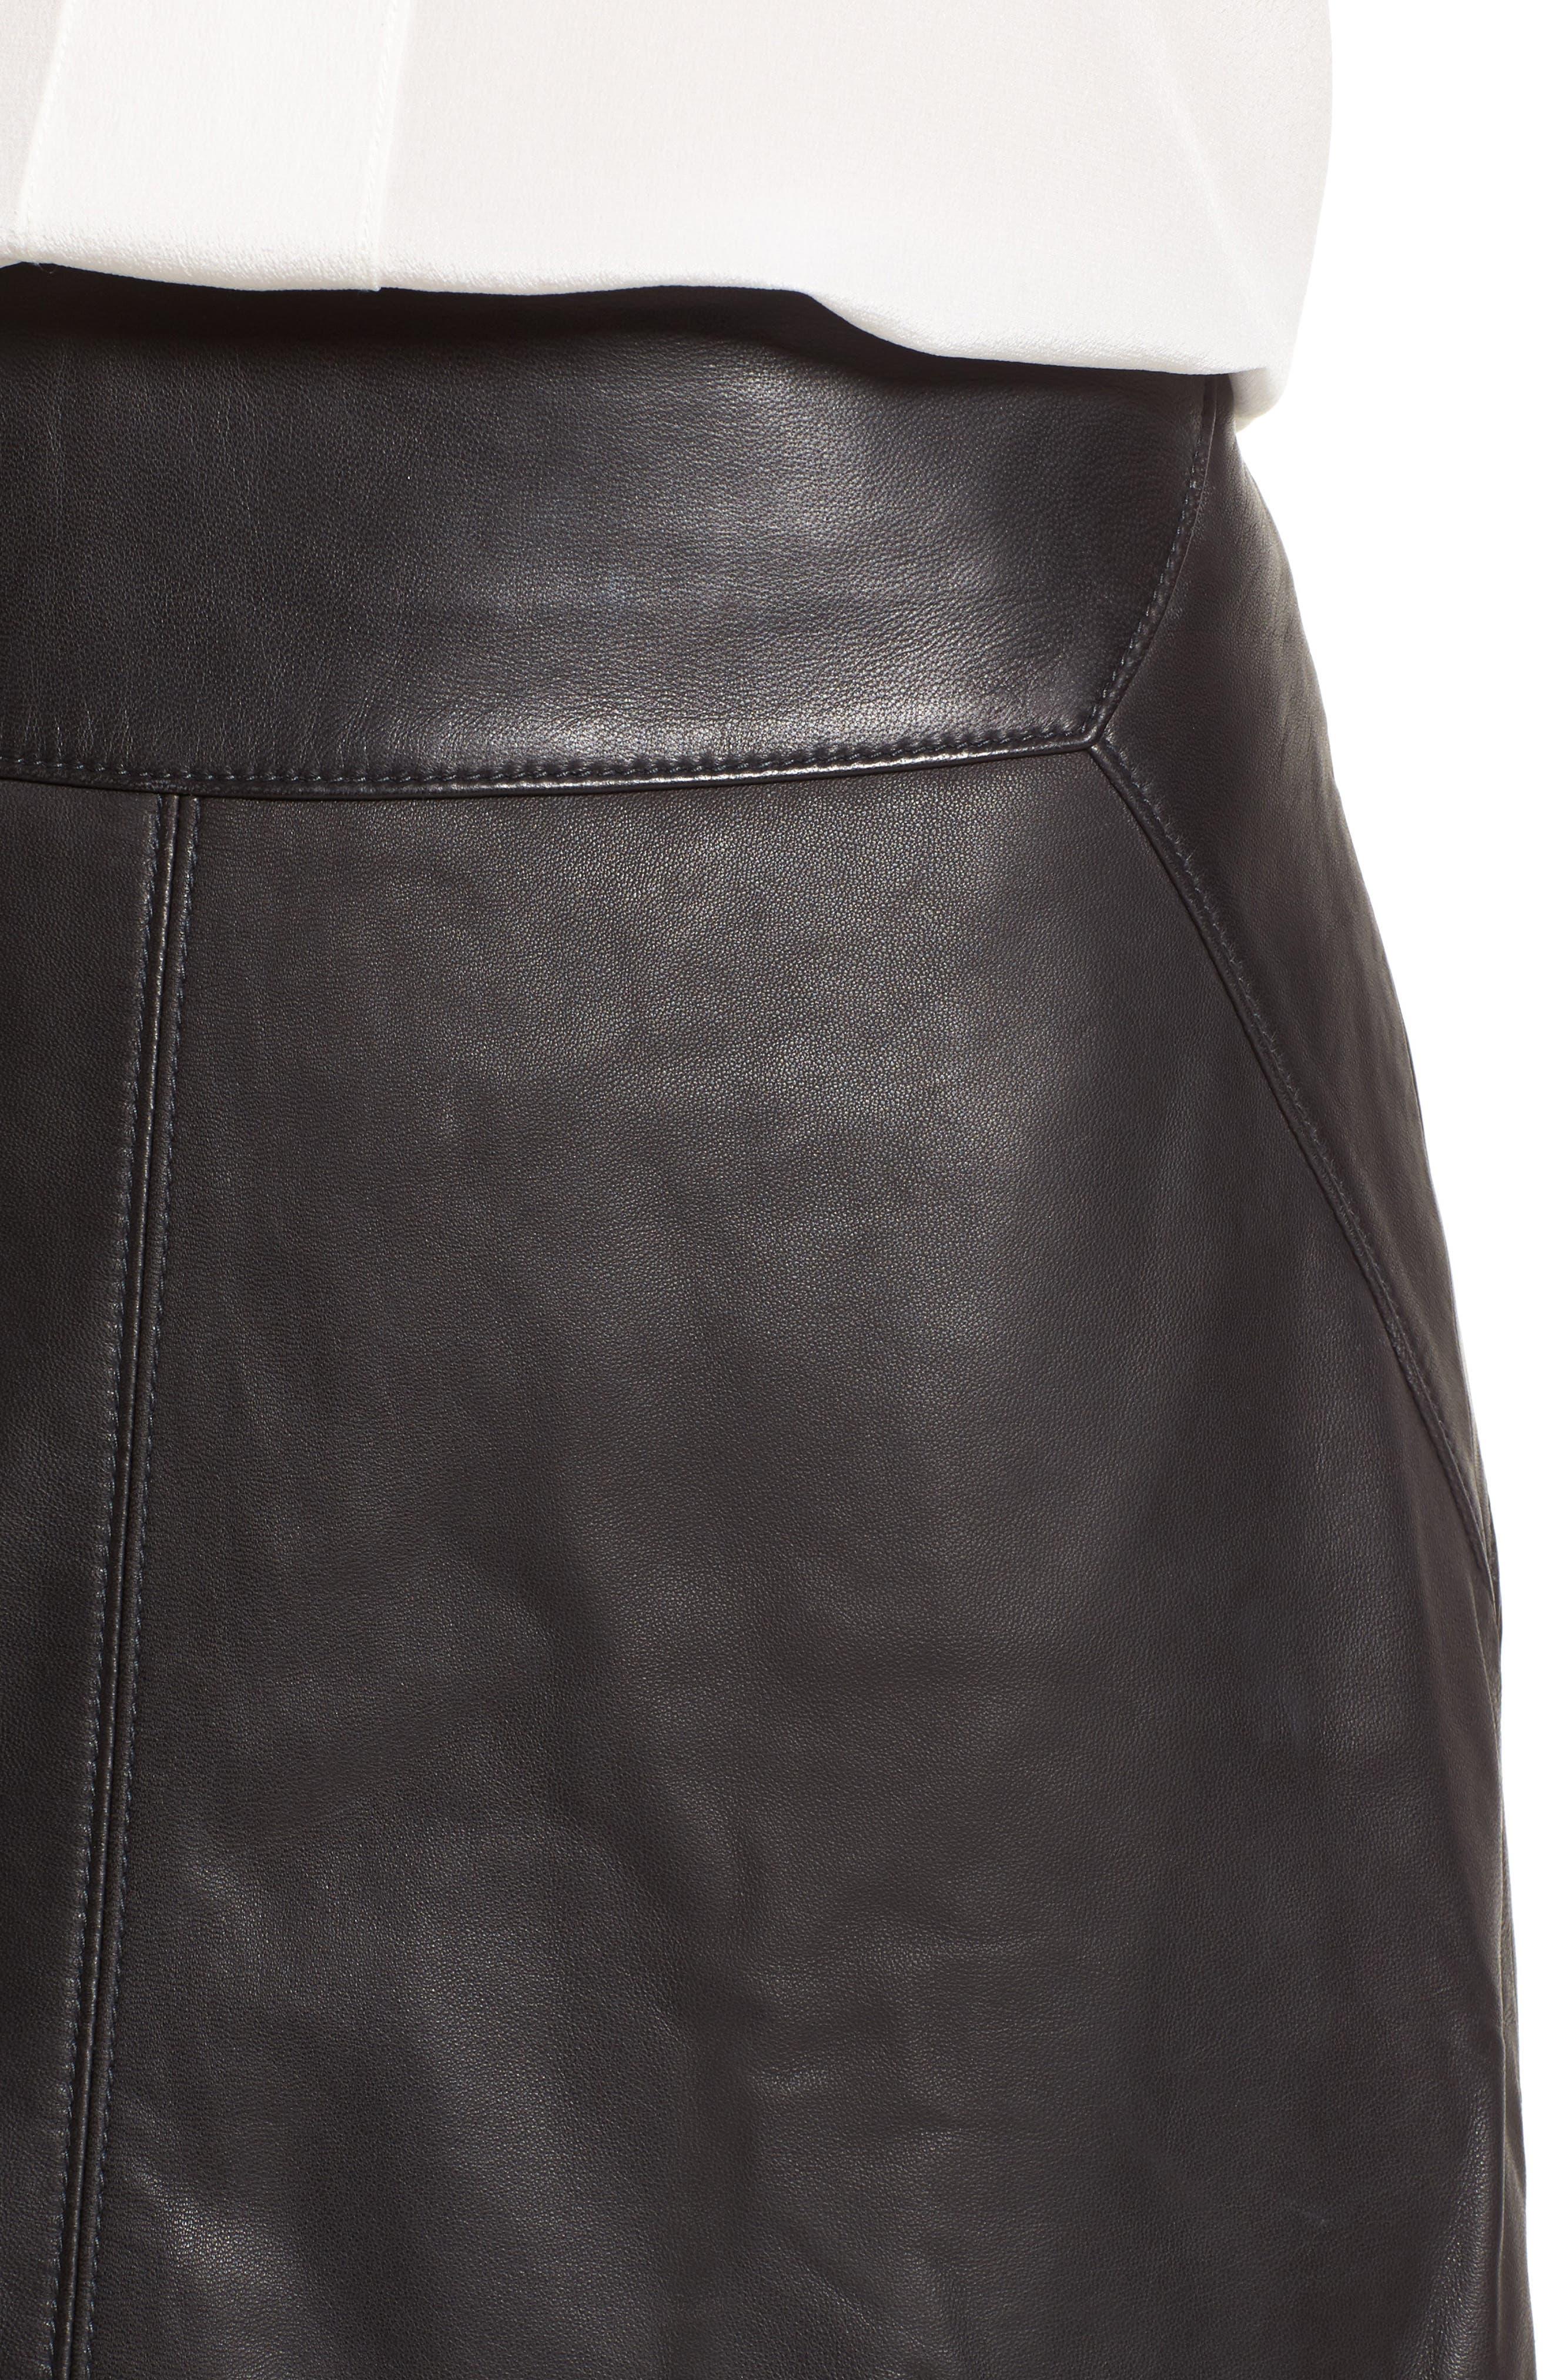 Leather Skirt,                             Alternate thumbnail 5, color,                             Black